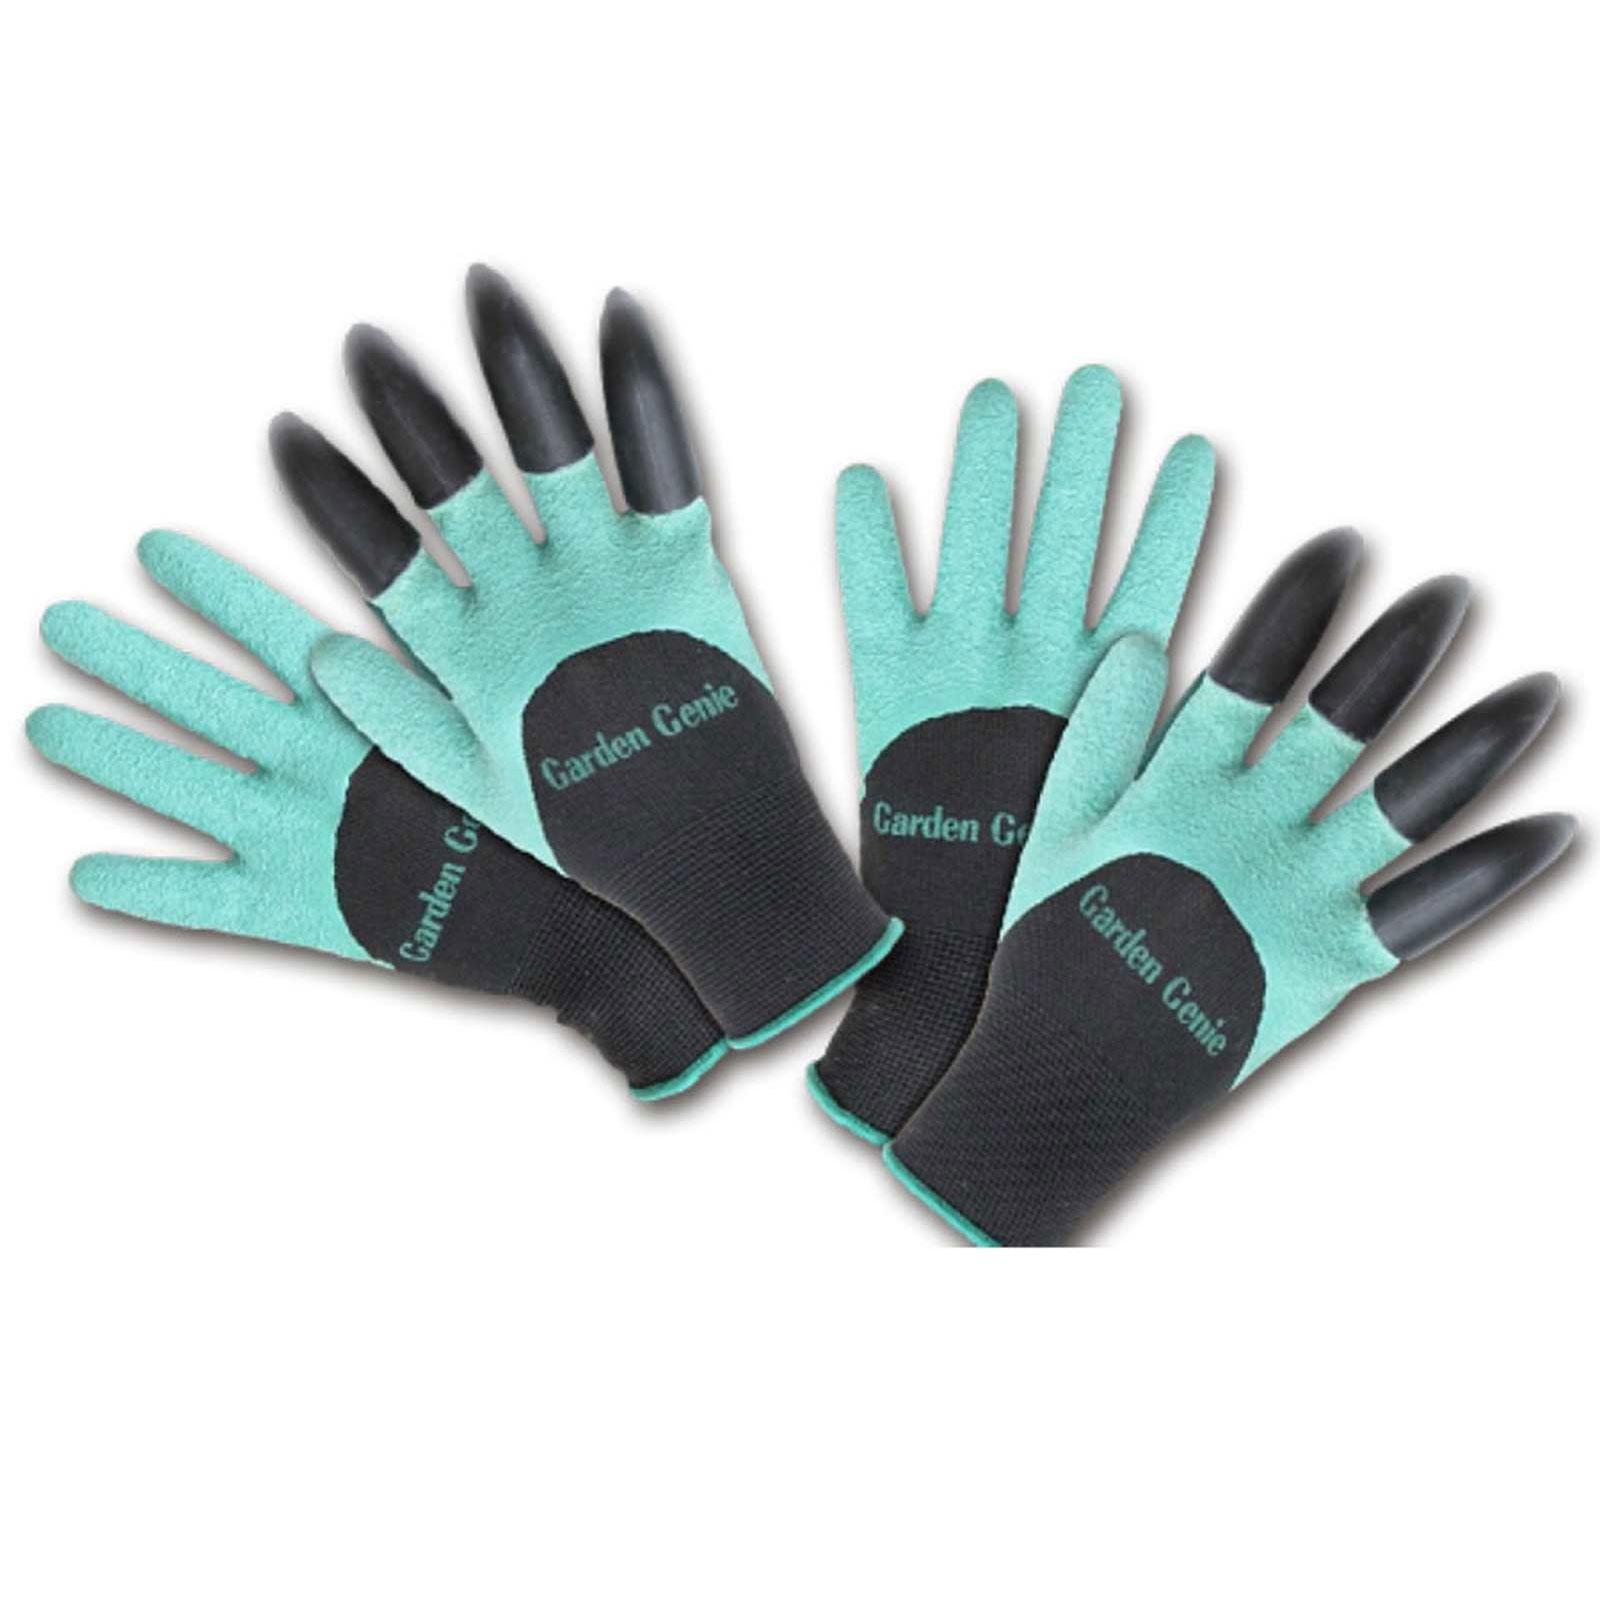 Многофункциональные перчатки с когтями, 2 шт.